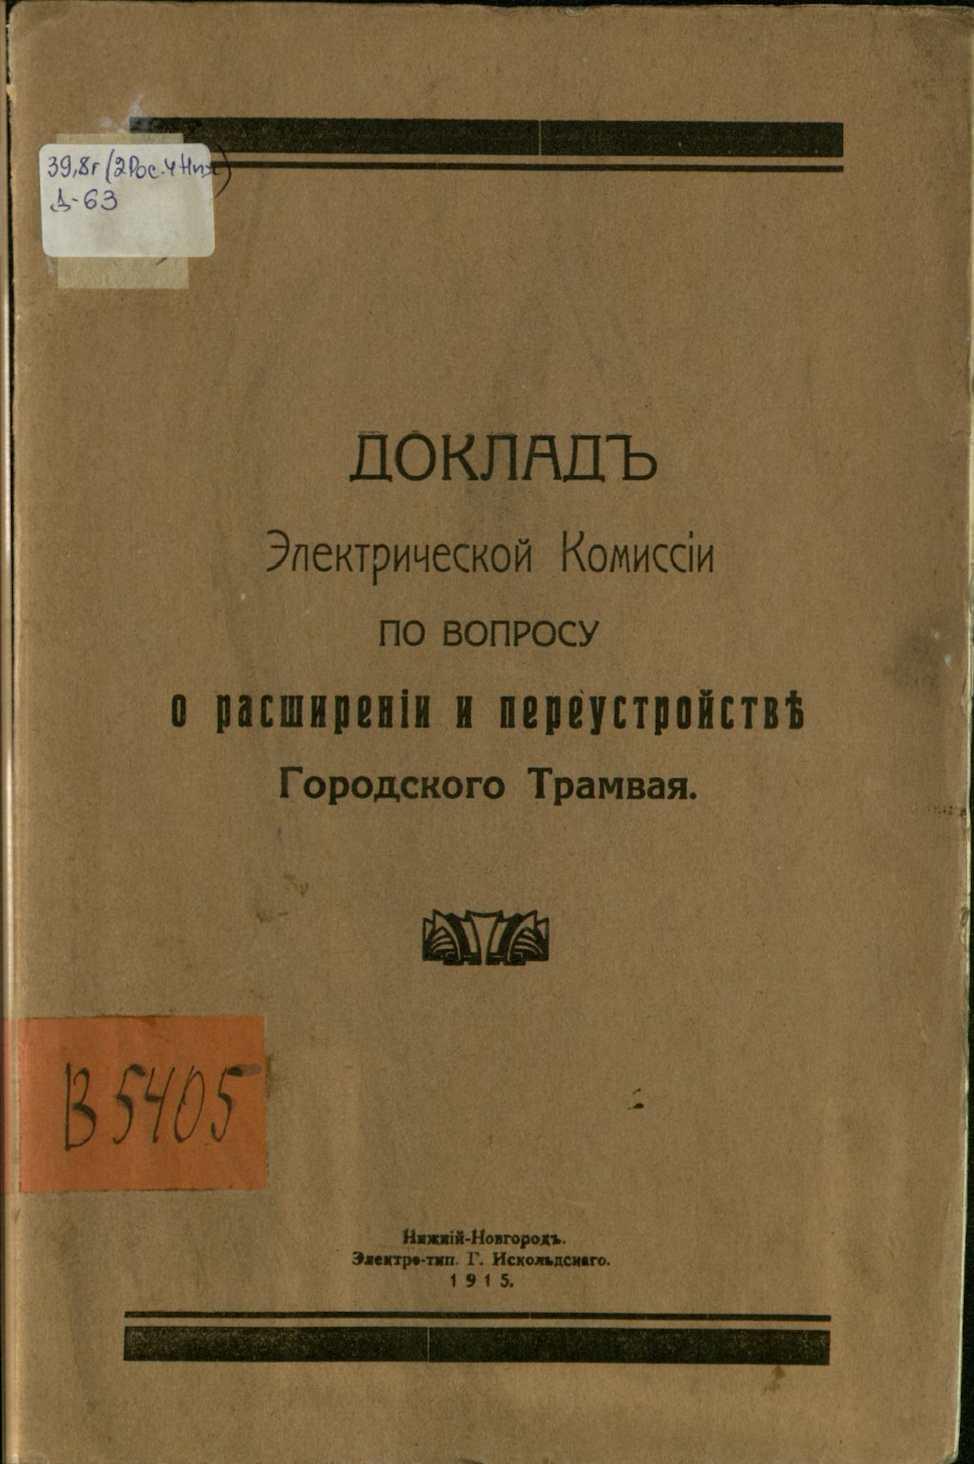 Доклад электрической комиссии